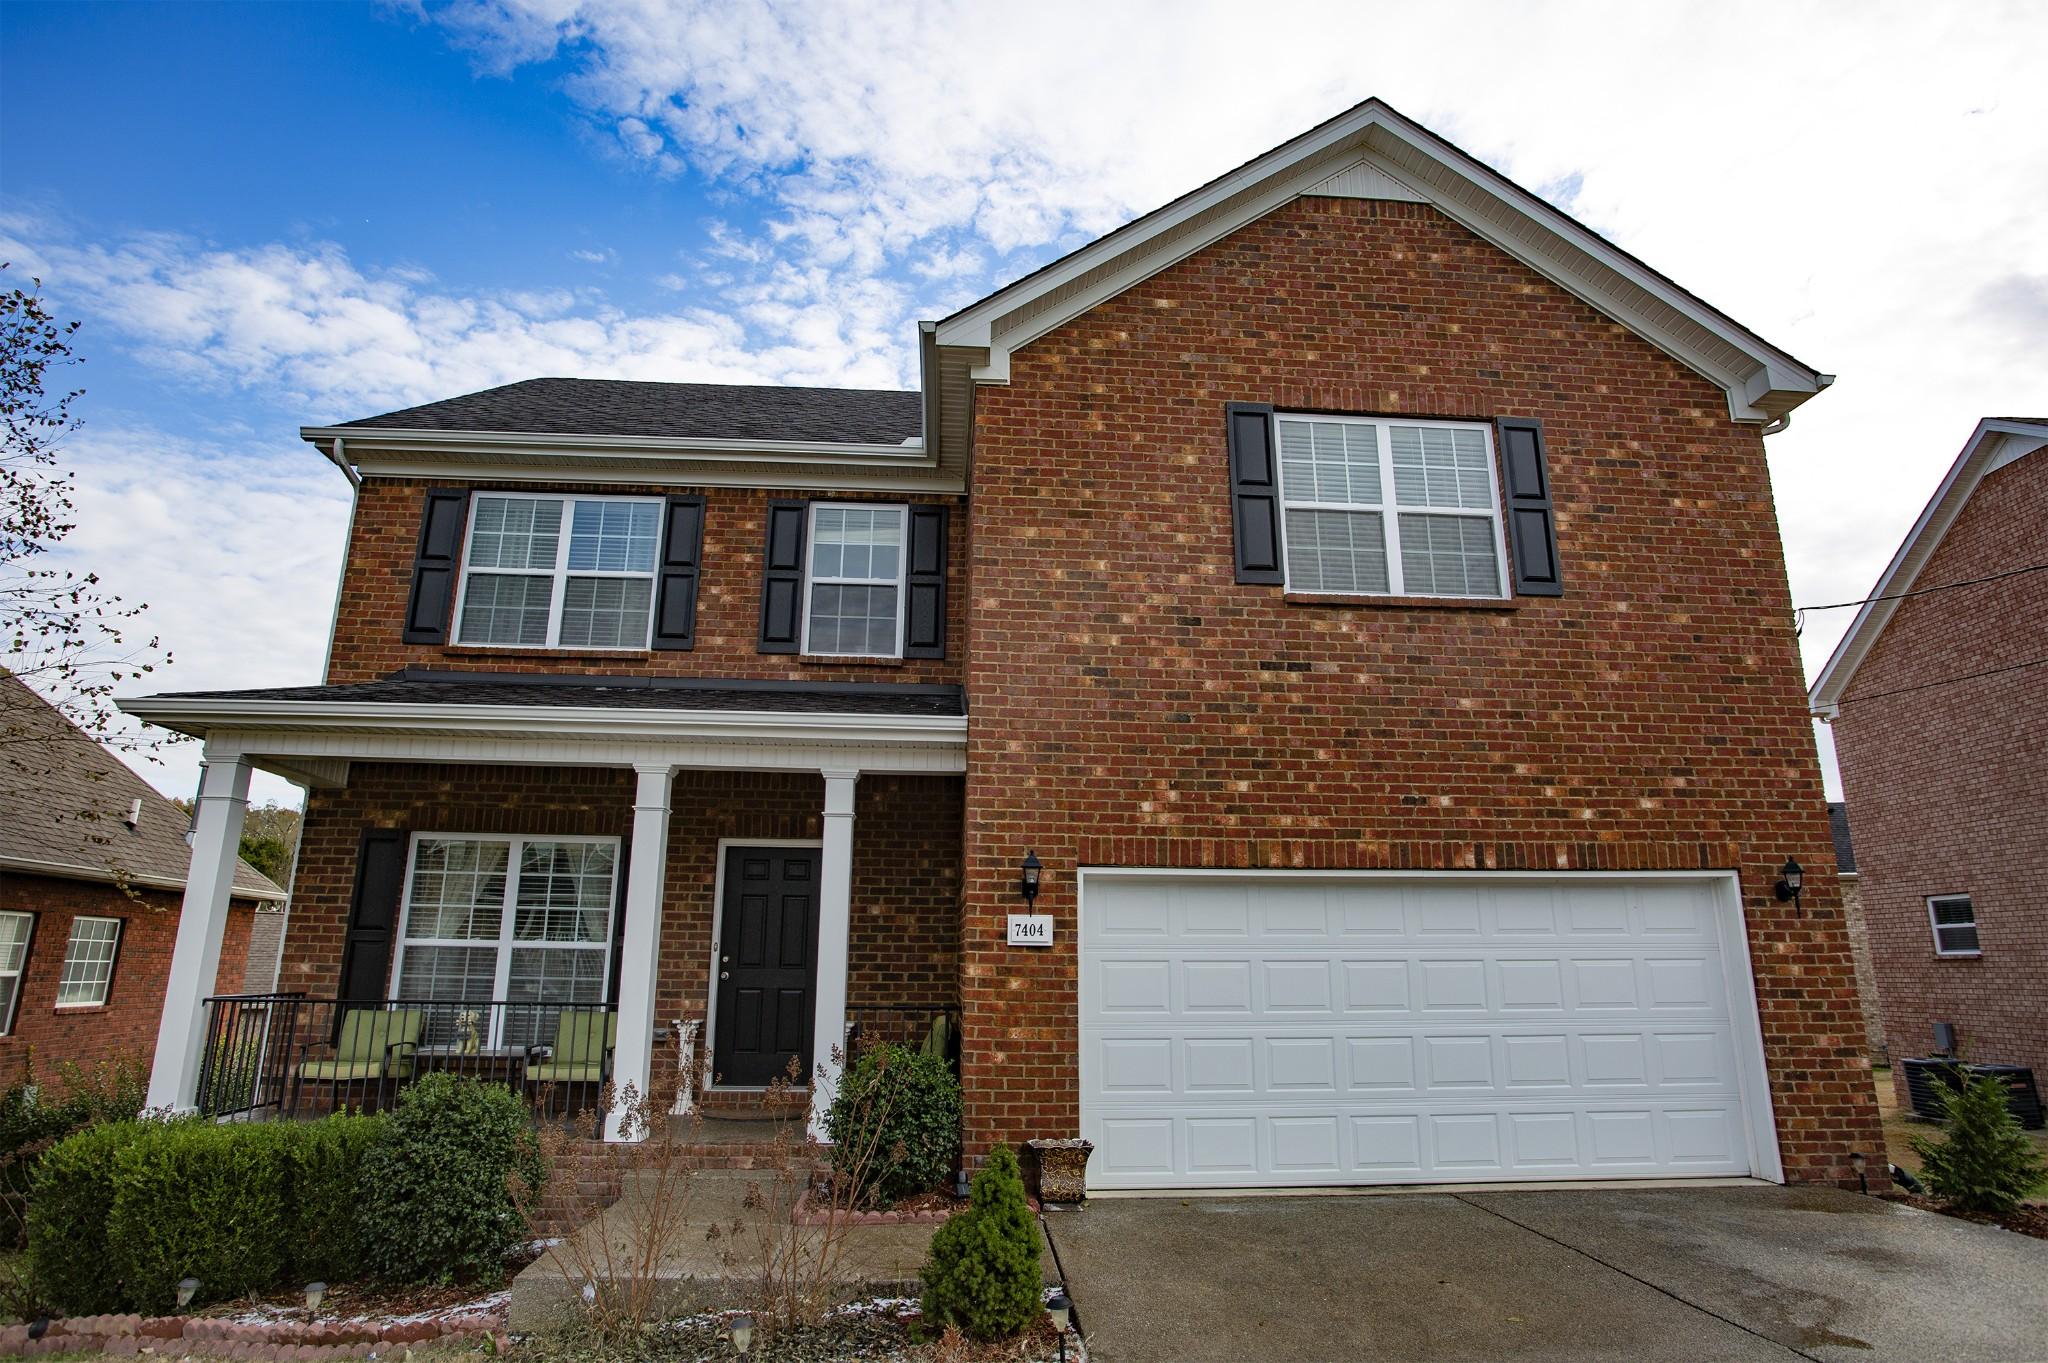 7404 Golden Apple Dr, Antioch, TN 37013 - Antioch, TN real estate listing